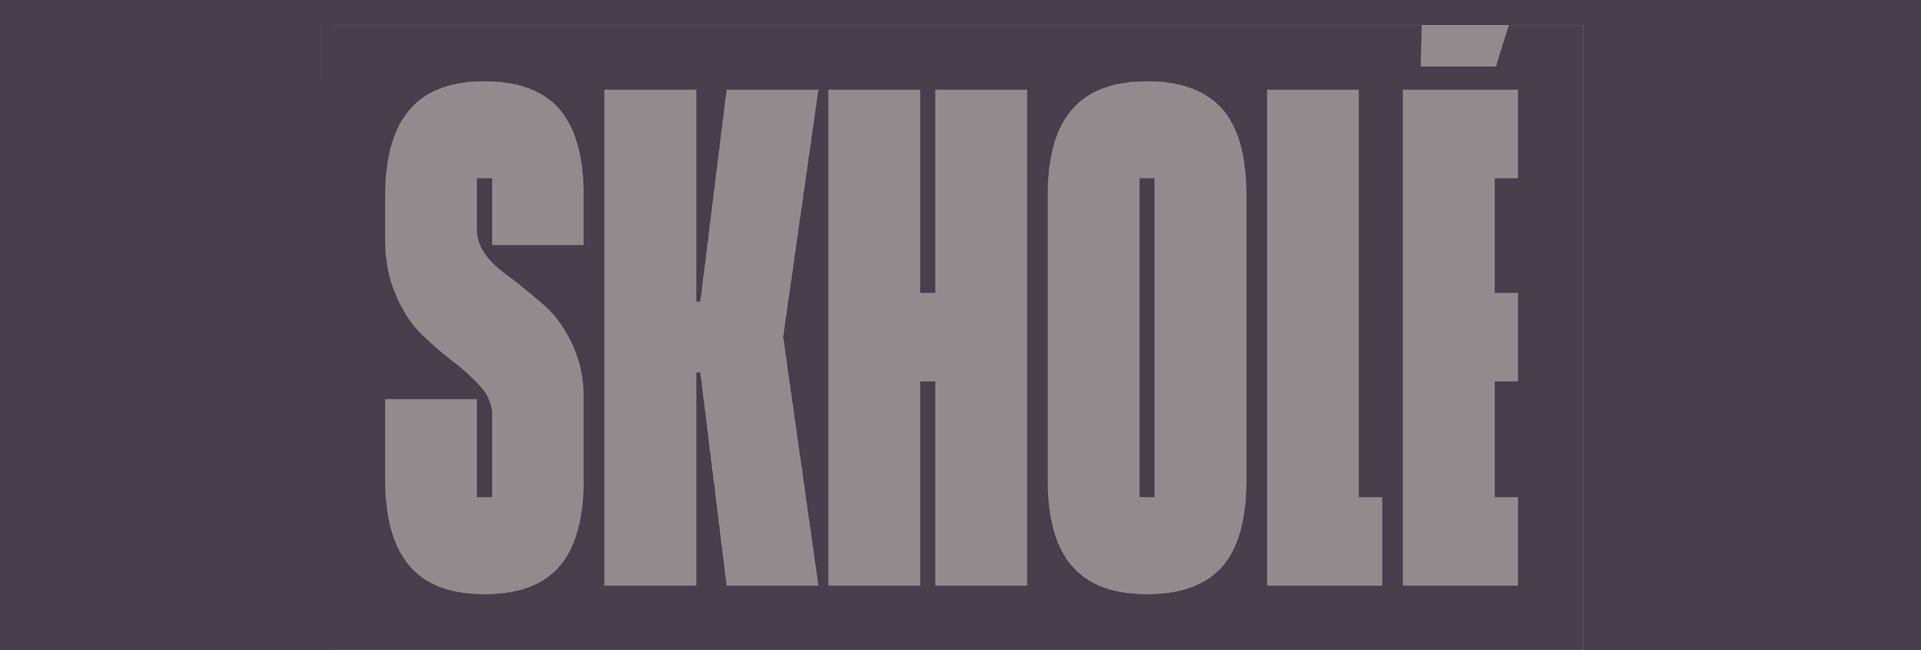 (Português) Skholé | Ciclo de contemplação e criação artística